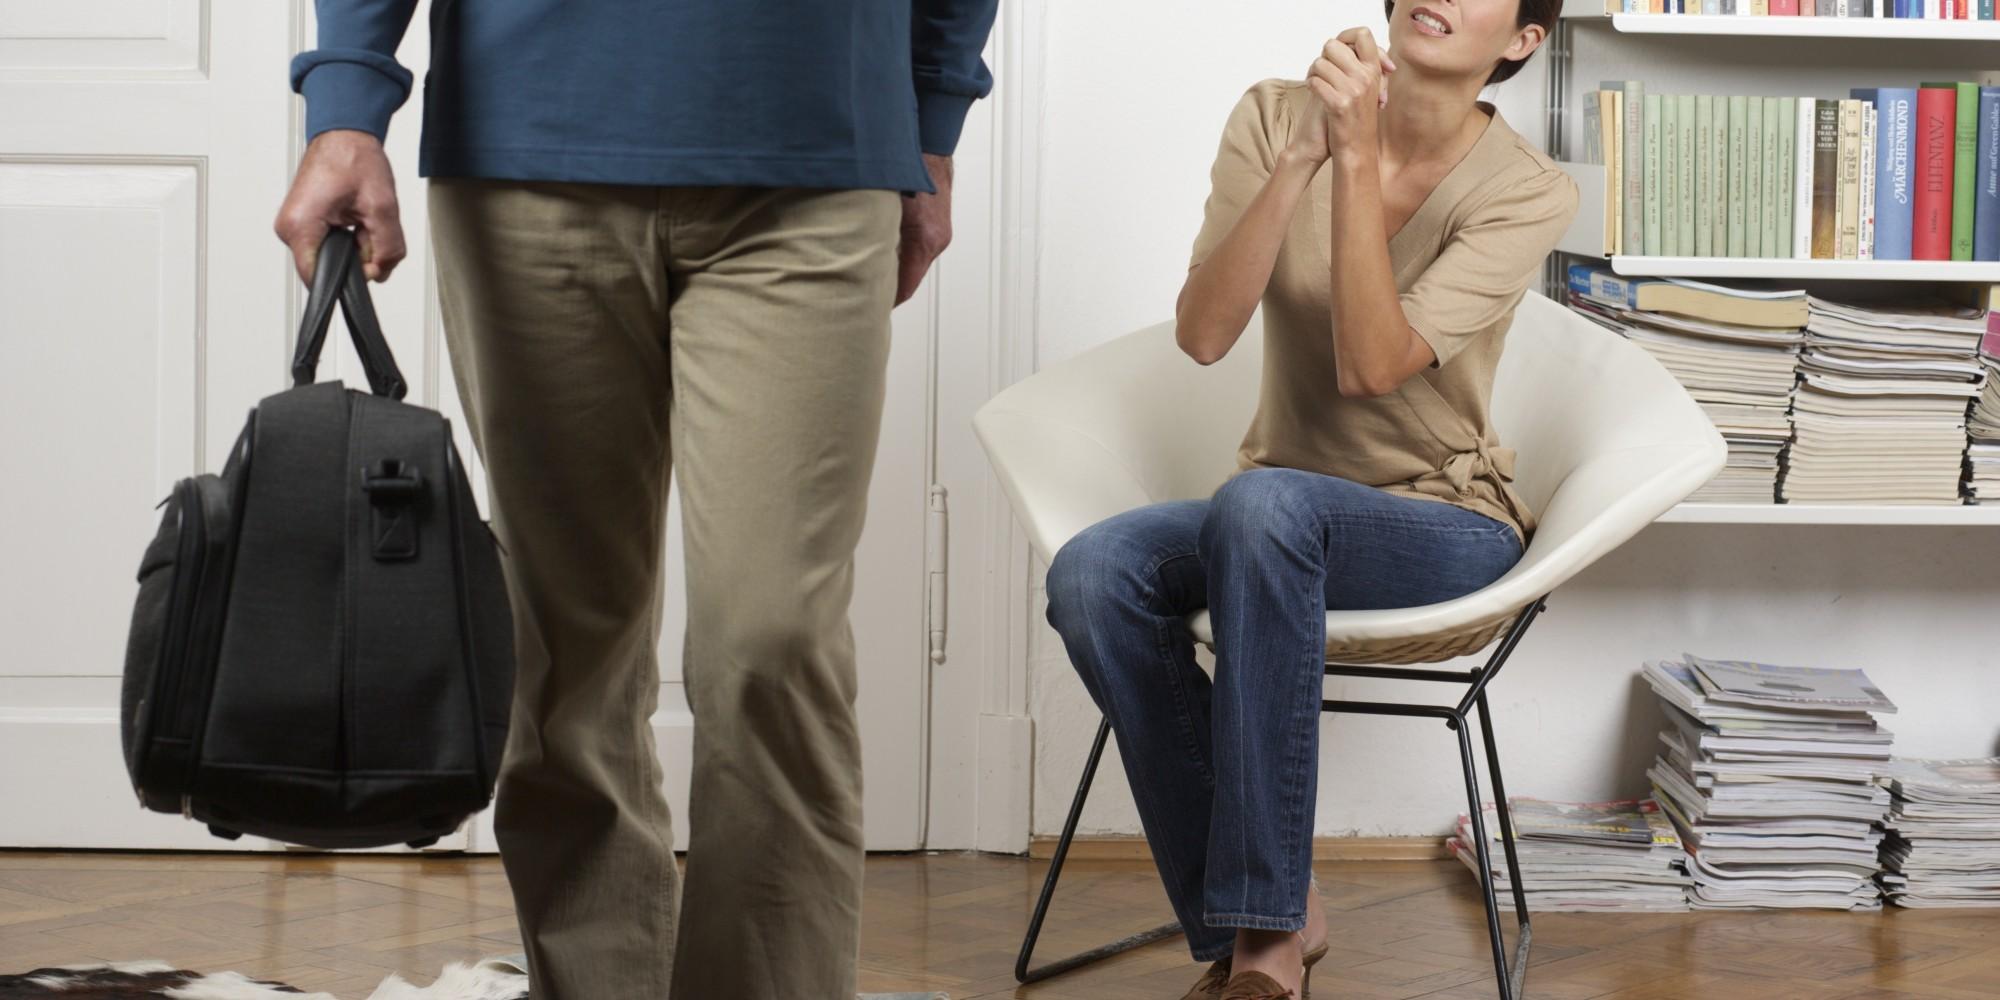 Почему в доме не задерживаются мужчины и что с этим делать